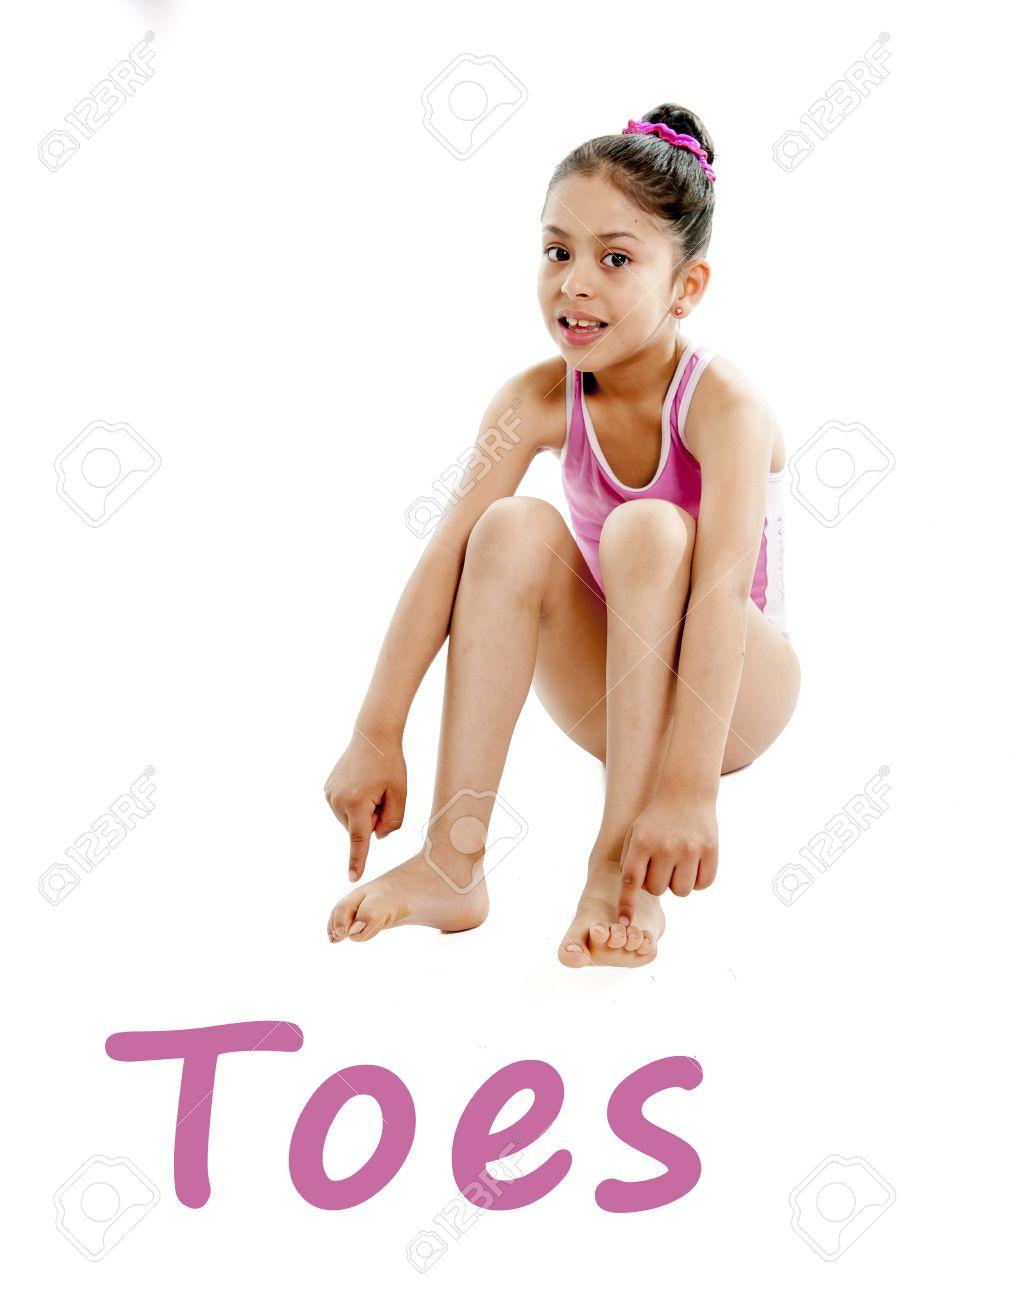 Chica Que Llevaba Un Traje De Baño Rosa Apuntando A Sus Pies Sobre ...